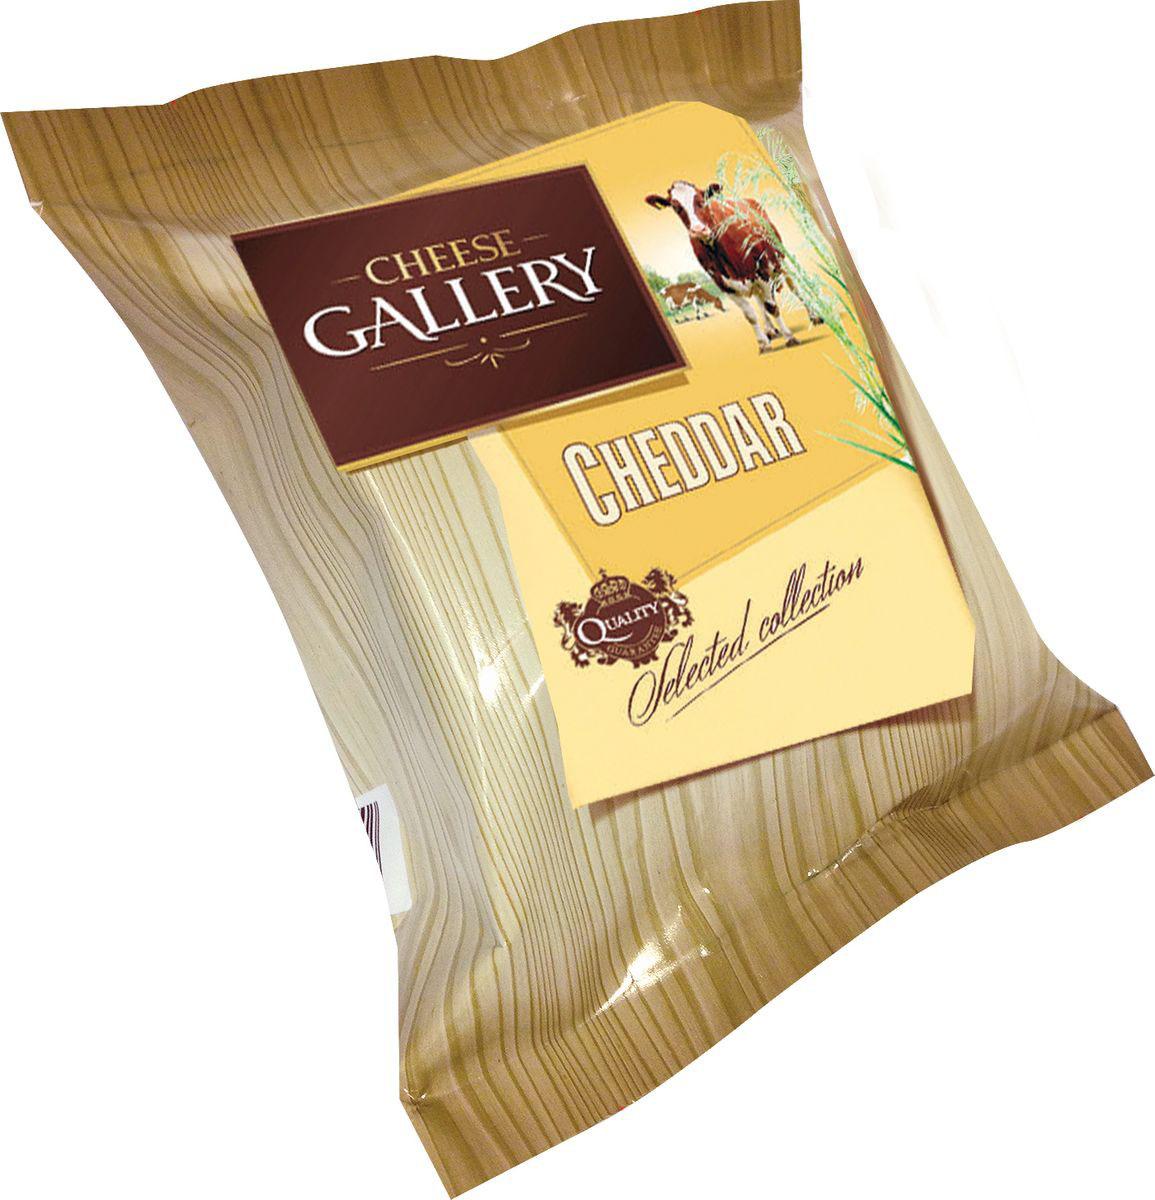 Cheese Gallery Сыр Чеддер, 50%, 250 г105-789Чеддер — популярный английский сыр Сыр имеет плотную текстуру без отверстий и сливочный цвет с желтым оттенком Что касается вкуса, то он ореховый, при этом слегка резковатый с кислинкой Цвет этого продукта обеспечивает природный краситель аннато Этот продукт можно подавать в качестве самостоятельной закуски , которая прекрасно сочетается с алкогольными напитками Кроме этого, используют этот сыр в рецептах многочисленных блюд: омлетов, салатов , бисквитов и др Чеддер прекрасно дополняет вкус мяса , рыбы и овощей Еще этот продукт используют для приготовления бутербродов , канапе и многочисленных закусок На основе сыра чеддер готовят разные соусы Используют его и для запекания, только есть один нюанс – сыр нужно измельчить на самой мелкой терке, только так он успеет расплавиться На 100 г продукта приходится 25 г белка, 31,5 г жира Калорийность составляет 386 ккал